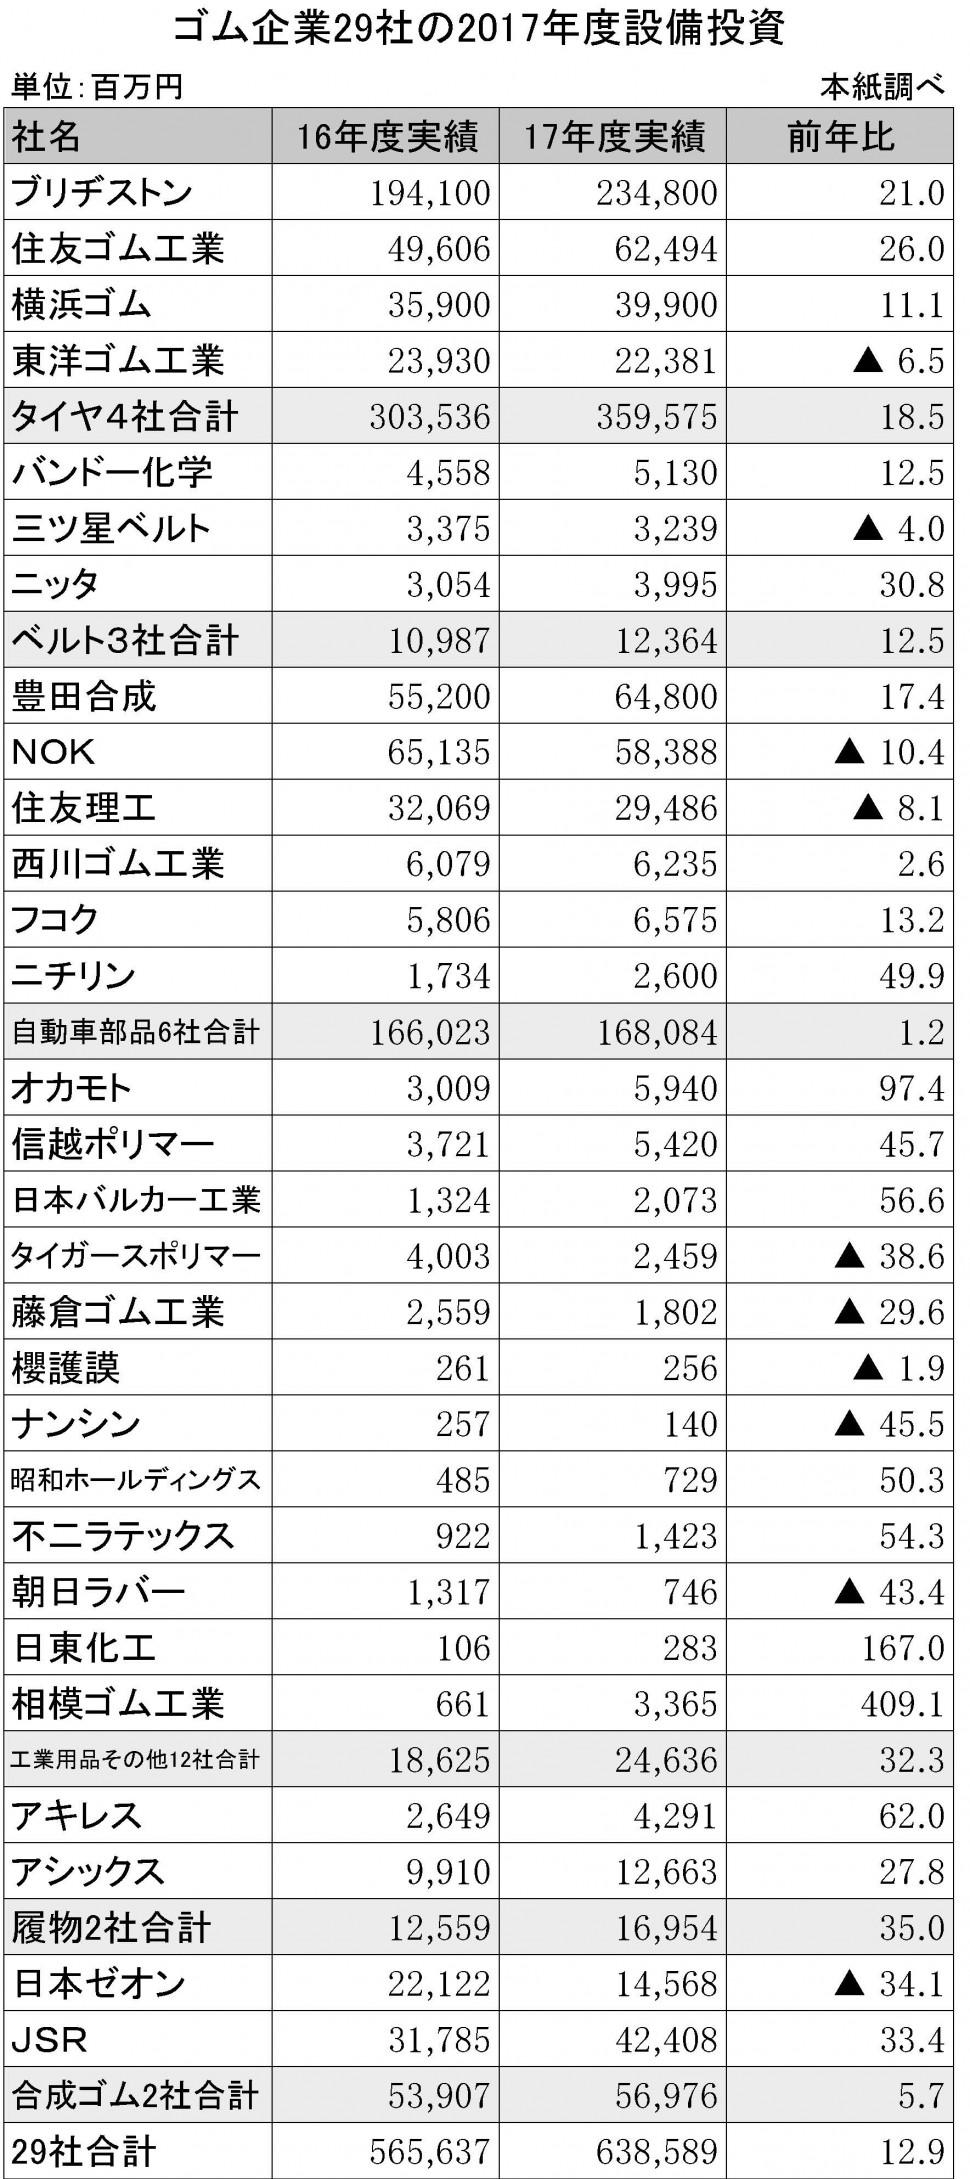 5-3-4 ゴム企業30社の2017年度設備投資